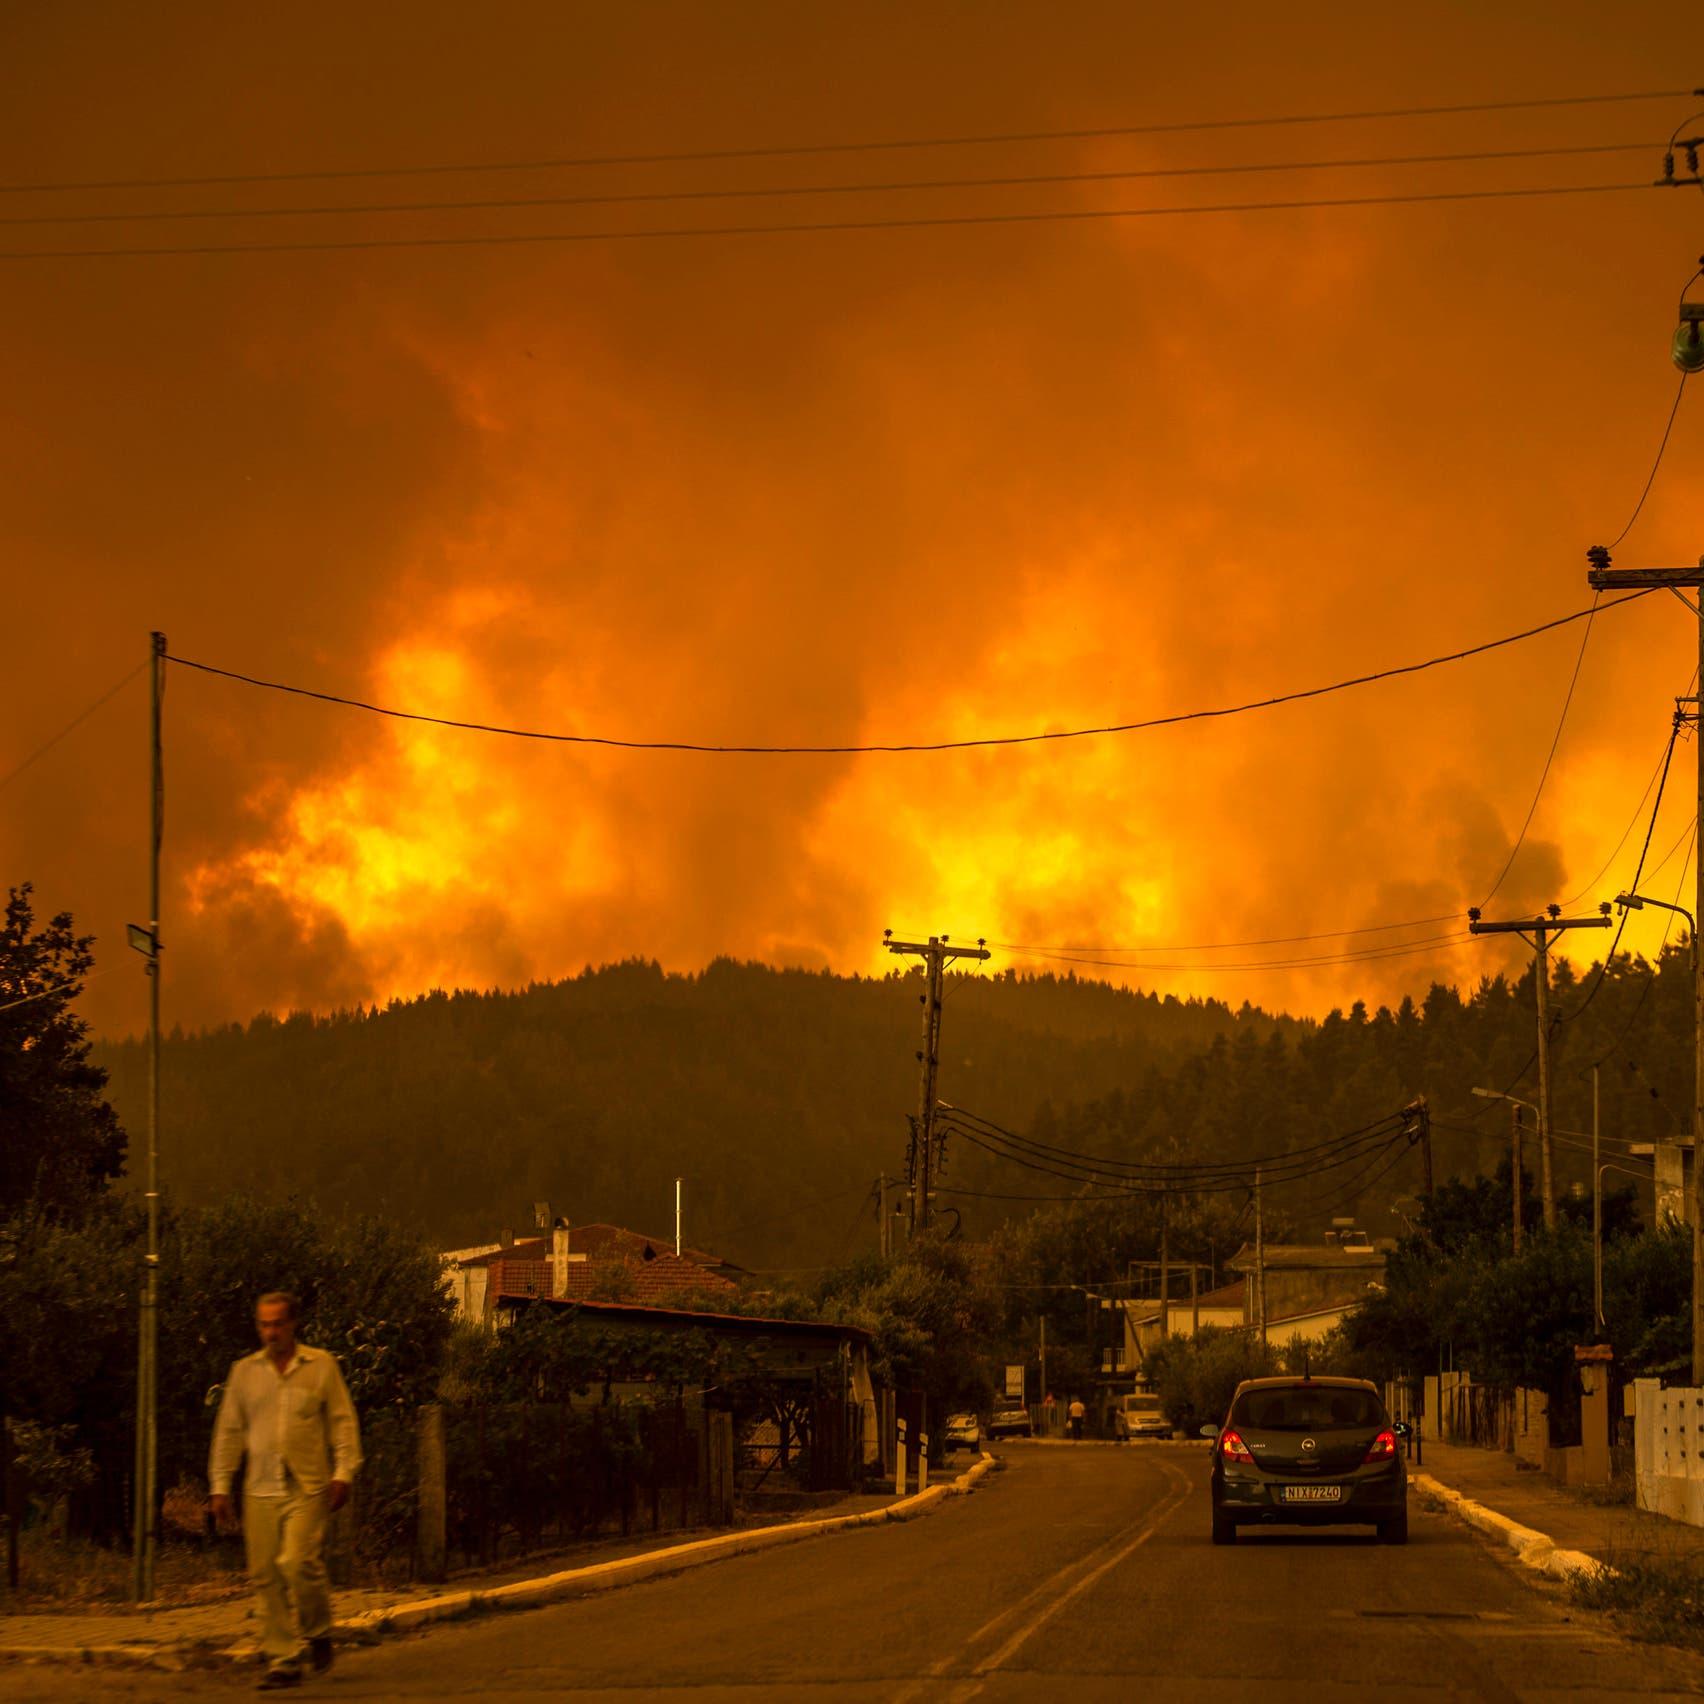 حرائق اليونان المتواصلة تجبر المئات على الفرار وتدمّر منازل